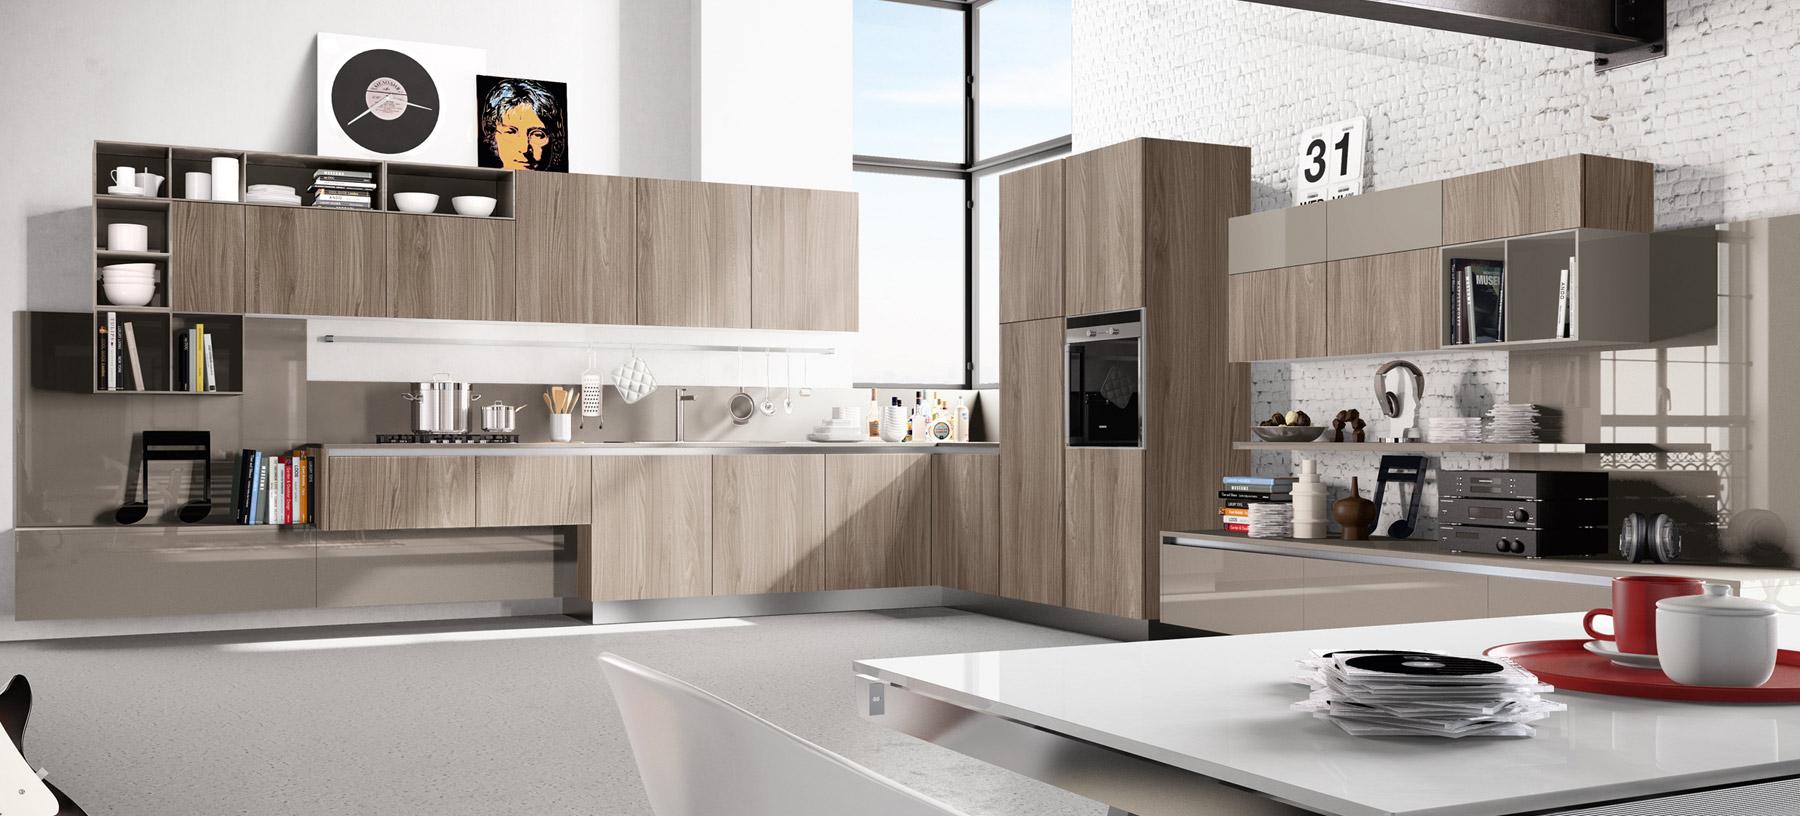 Светлый интерьер кухни с белой кирпичной кладкой